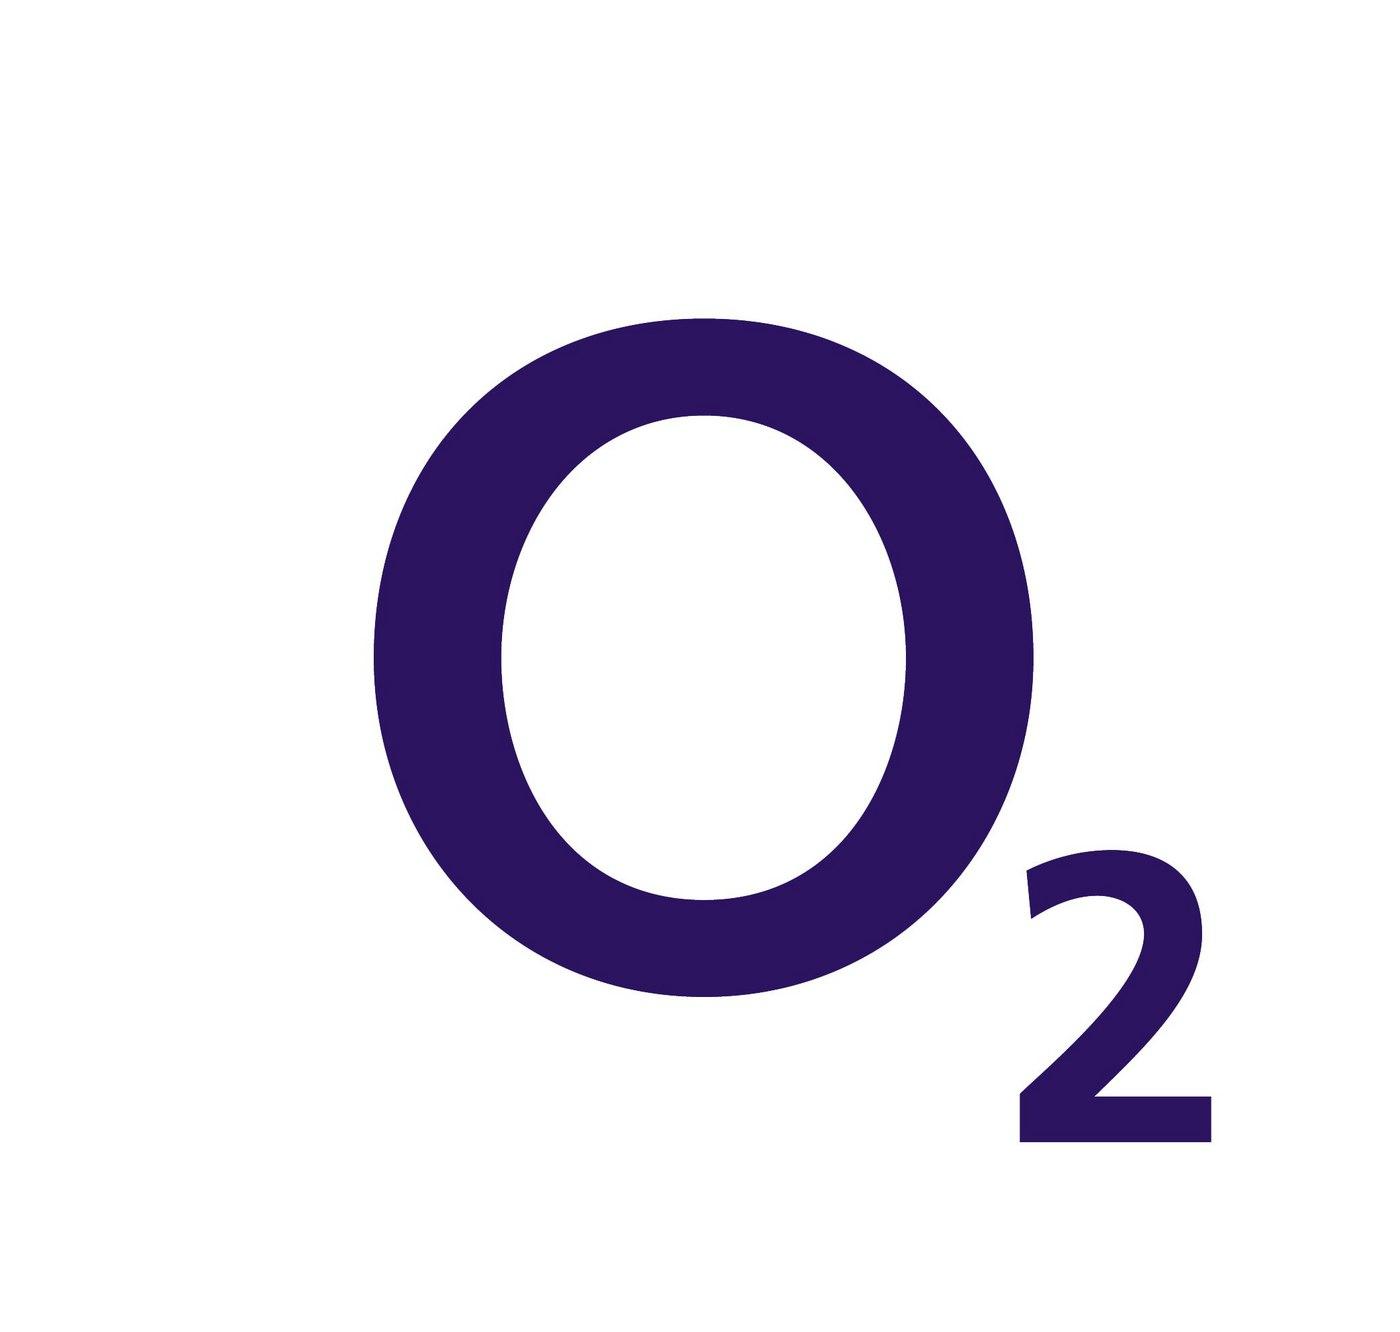 o2_logo_wpfd1 (1).jpg